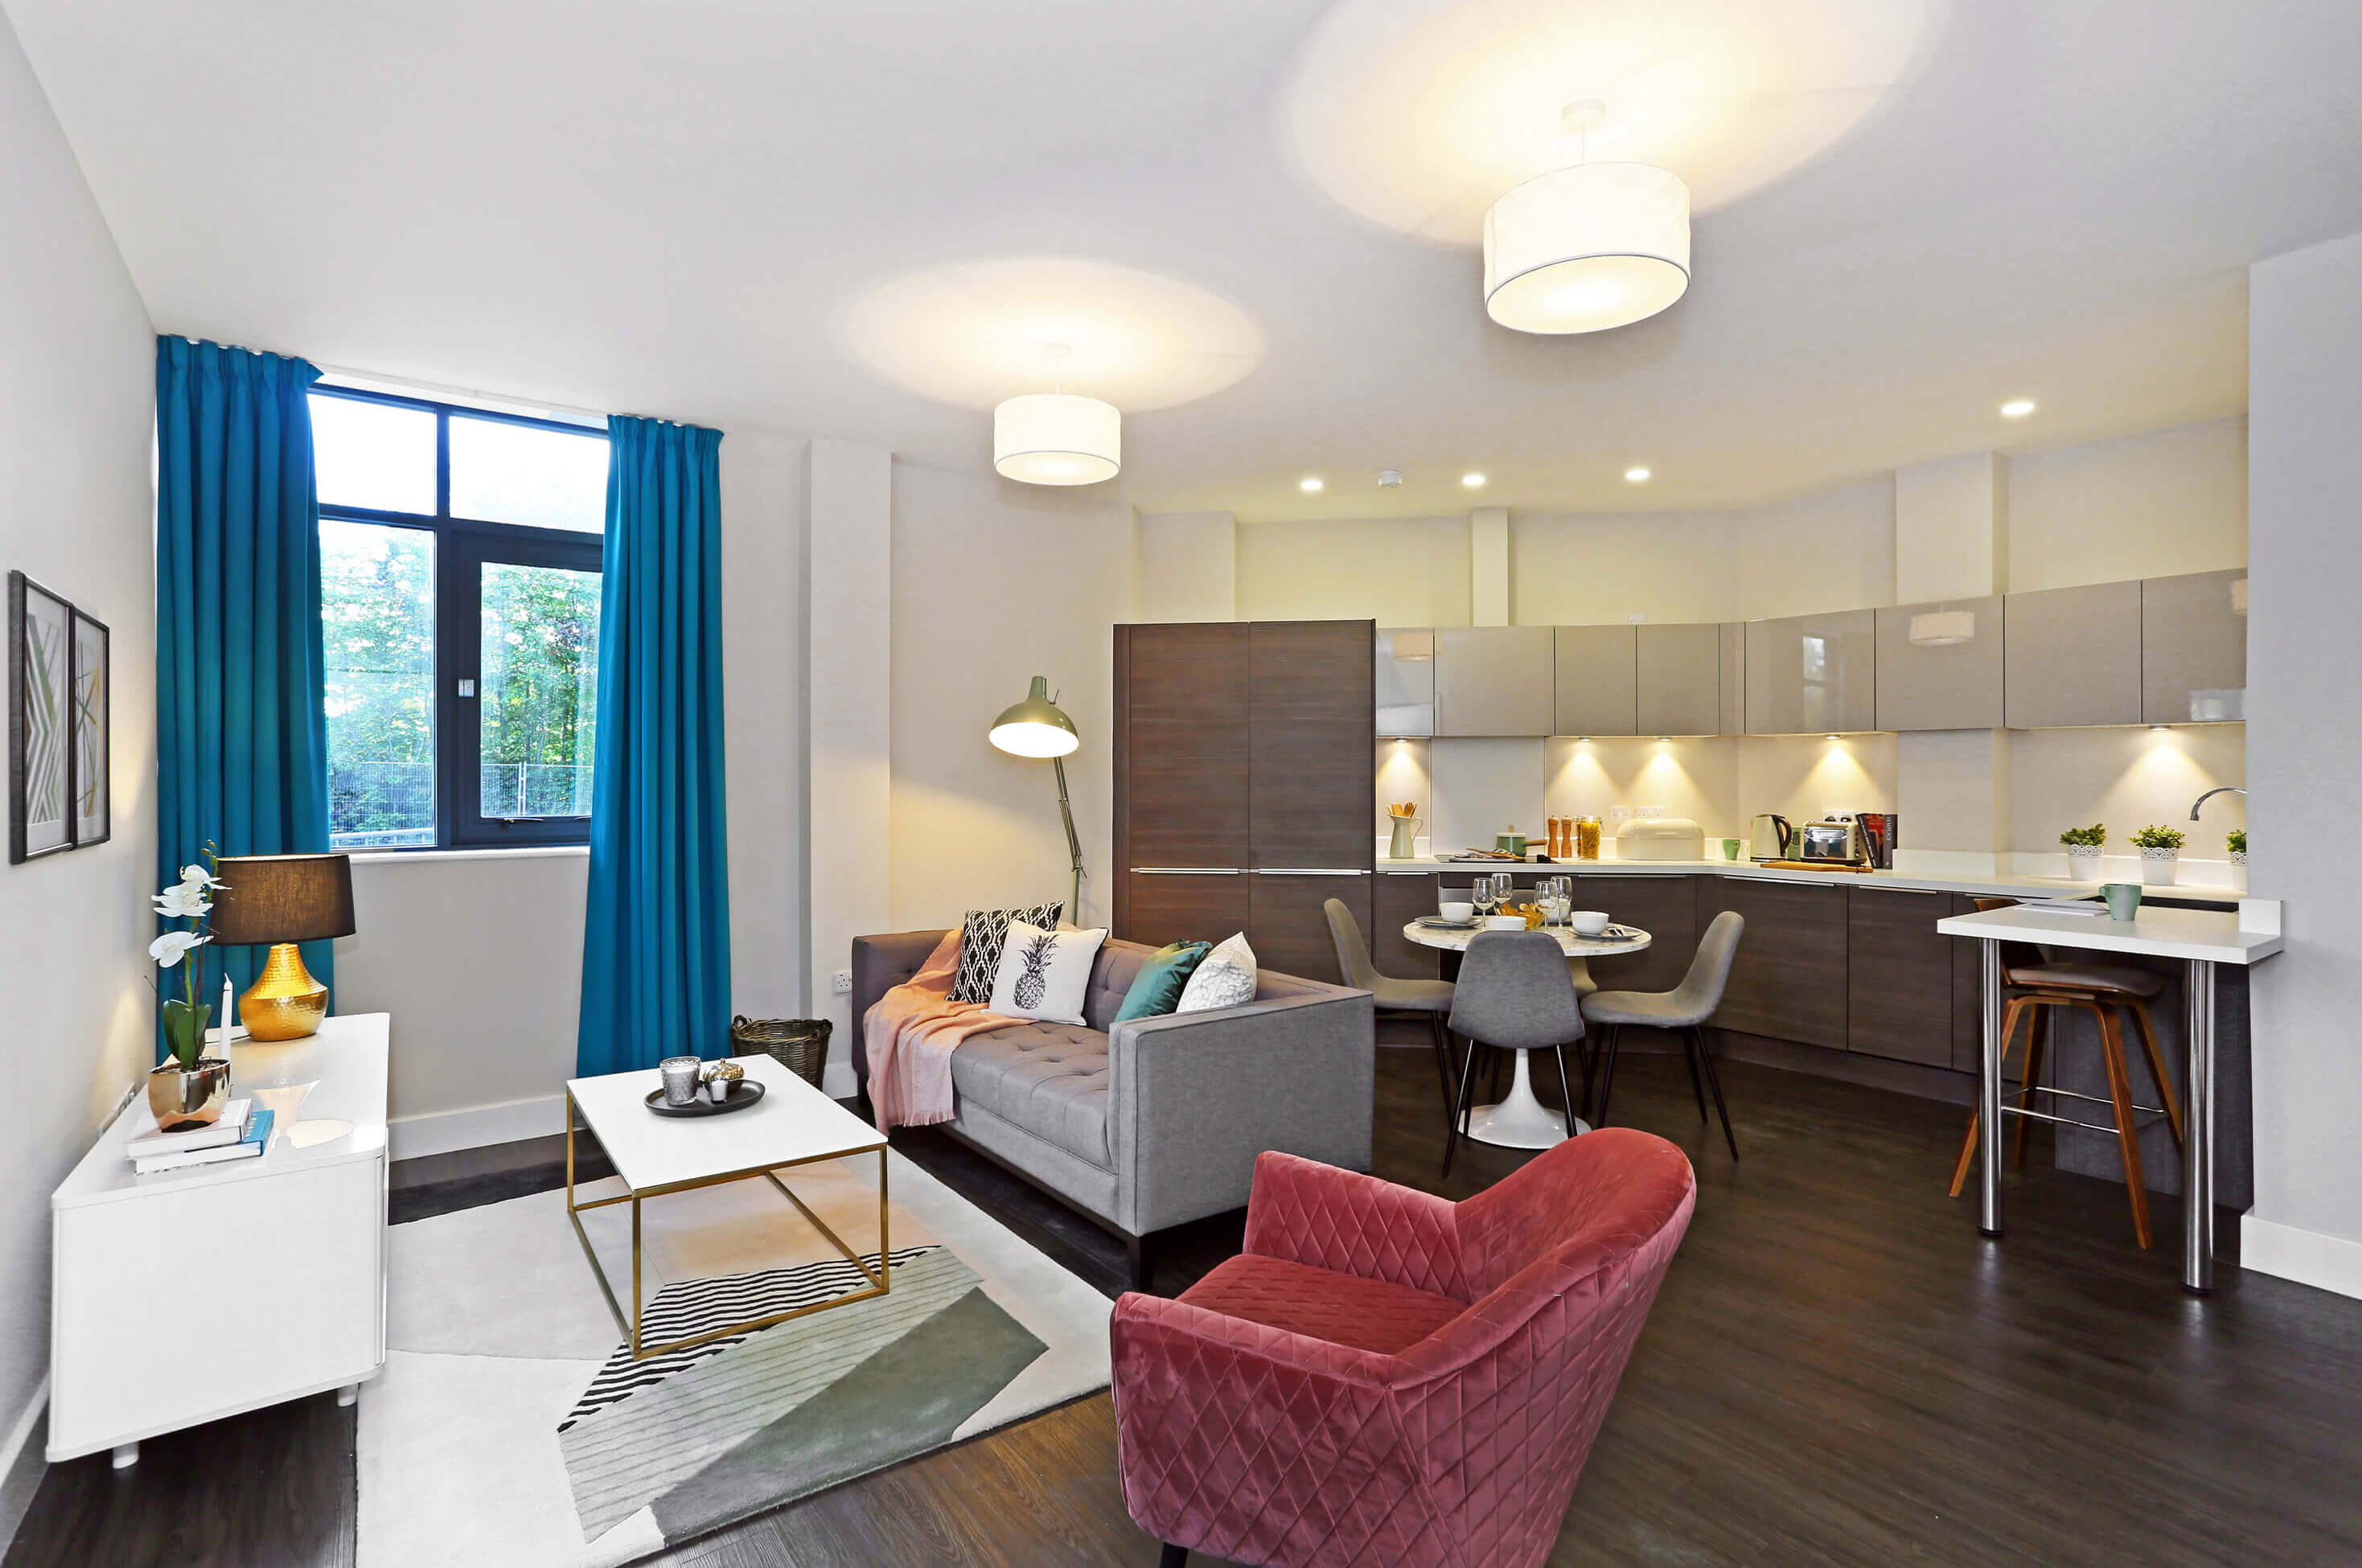 home bali interior designer yuni design consultant interior design consultant Interior designer Liverpool | Interior stylist | Interior design blogger